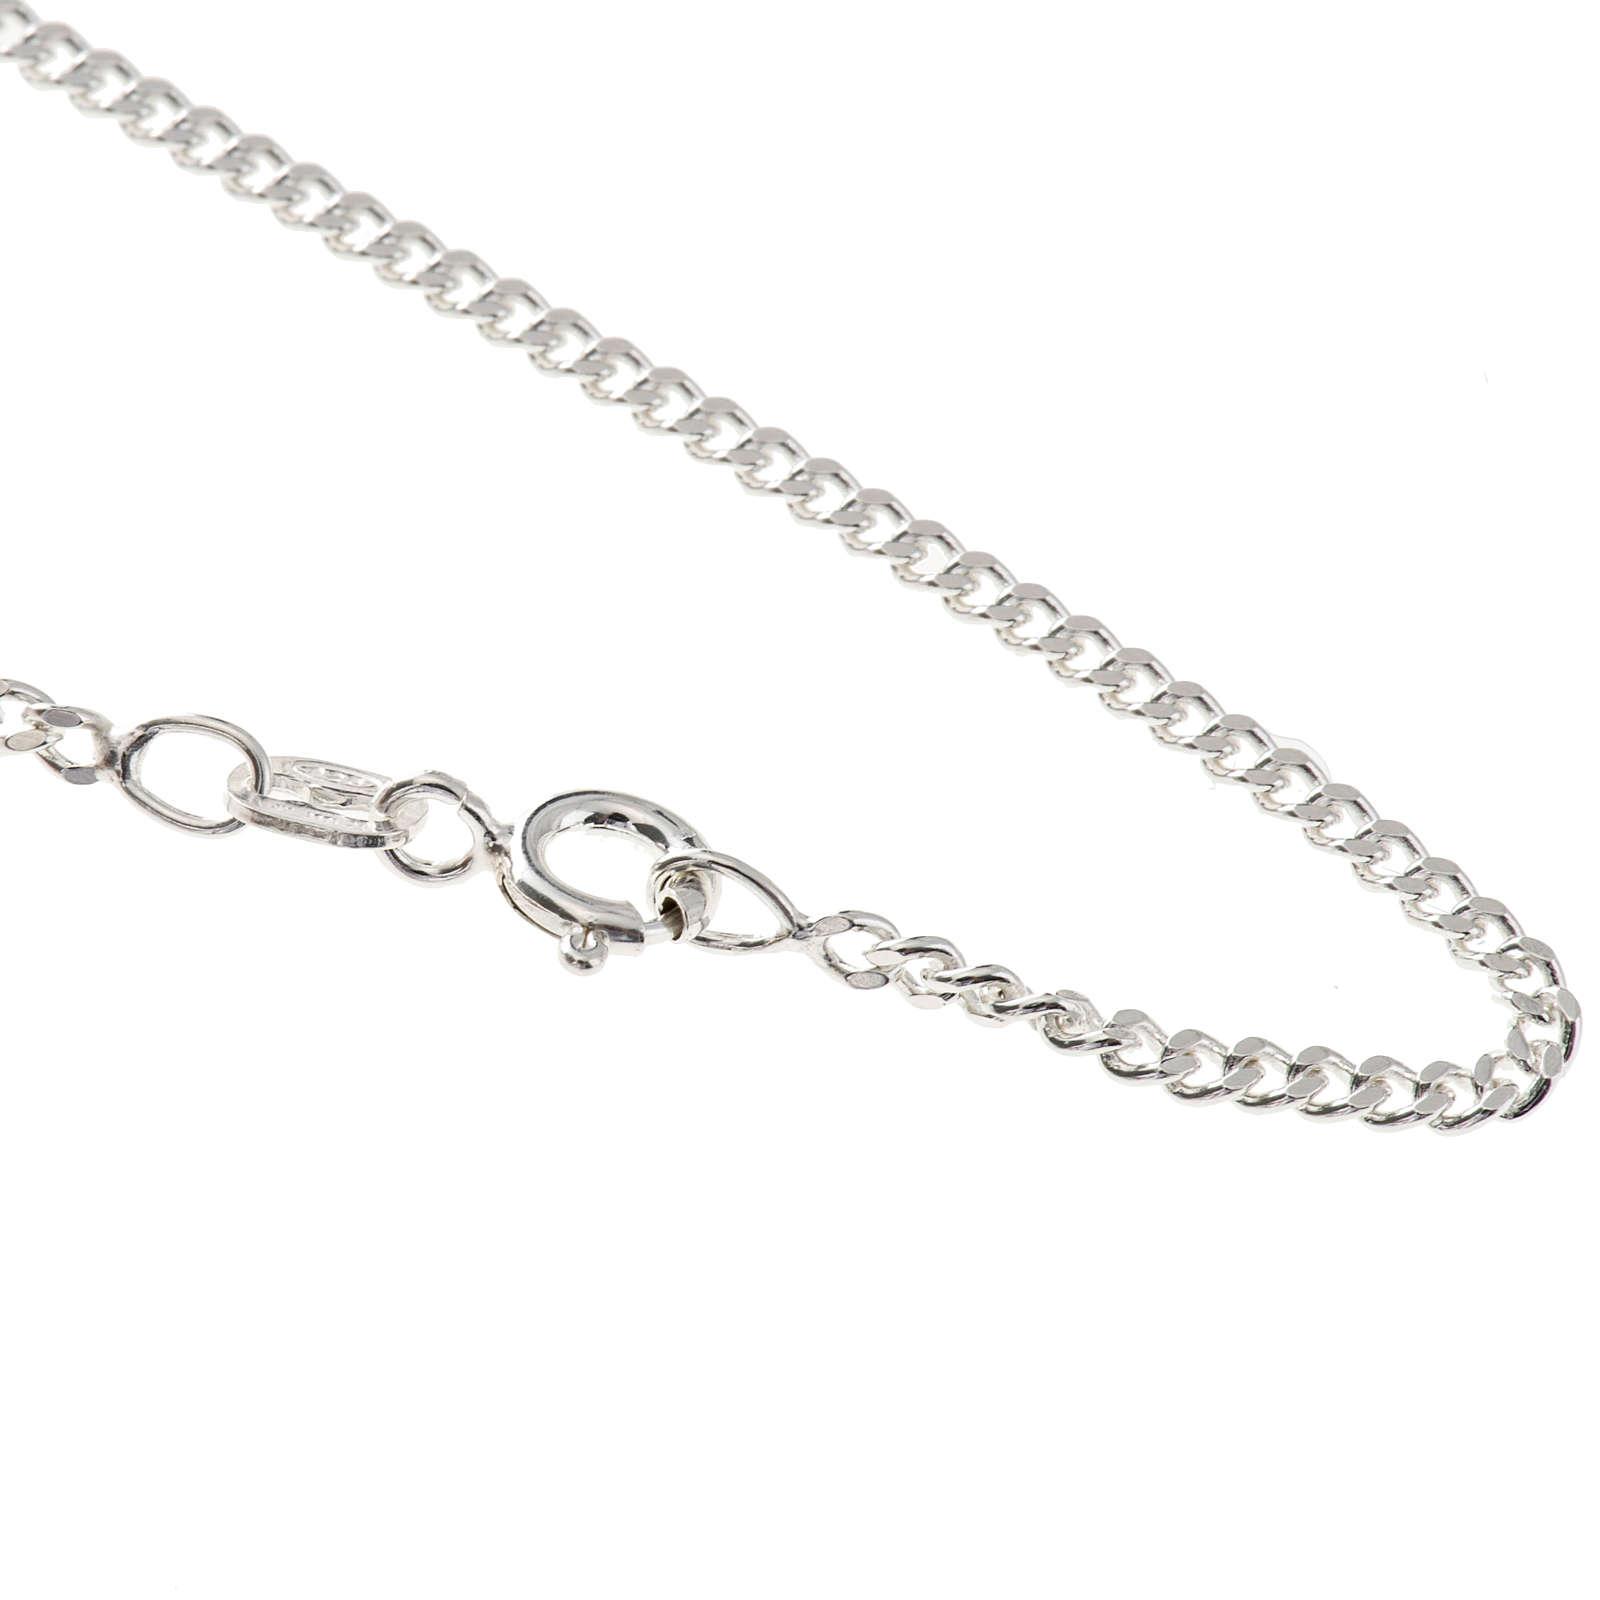 Cadena de plata 925, con 50cm de largo 4